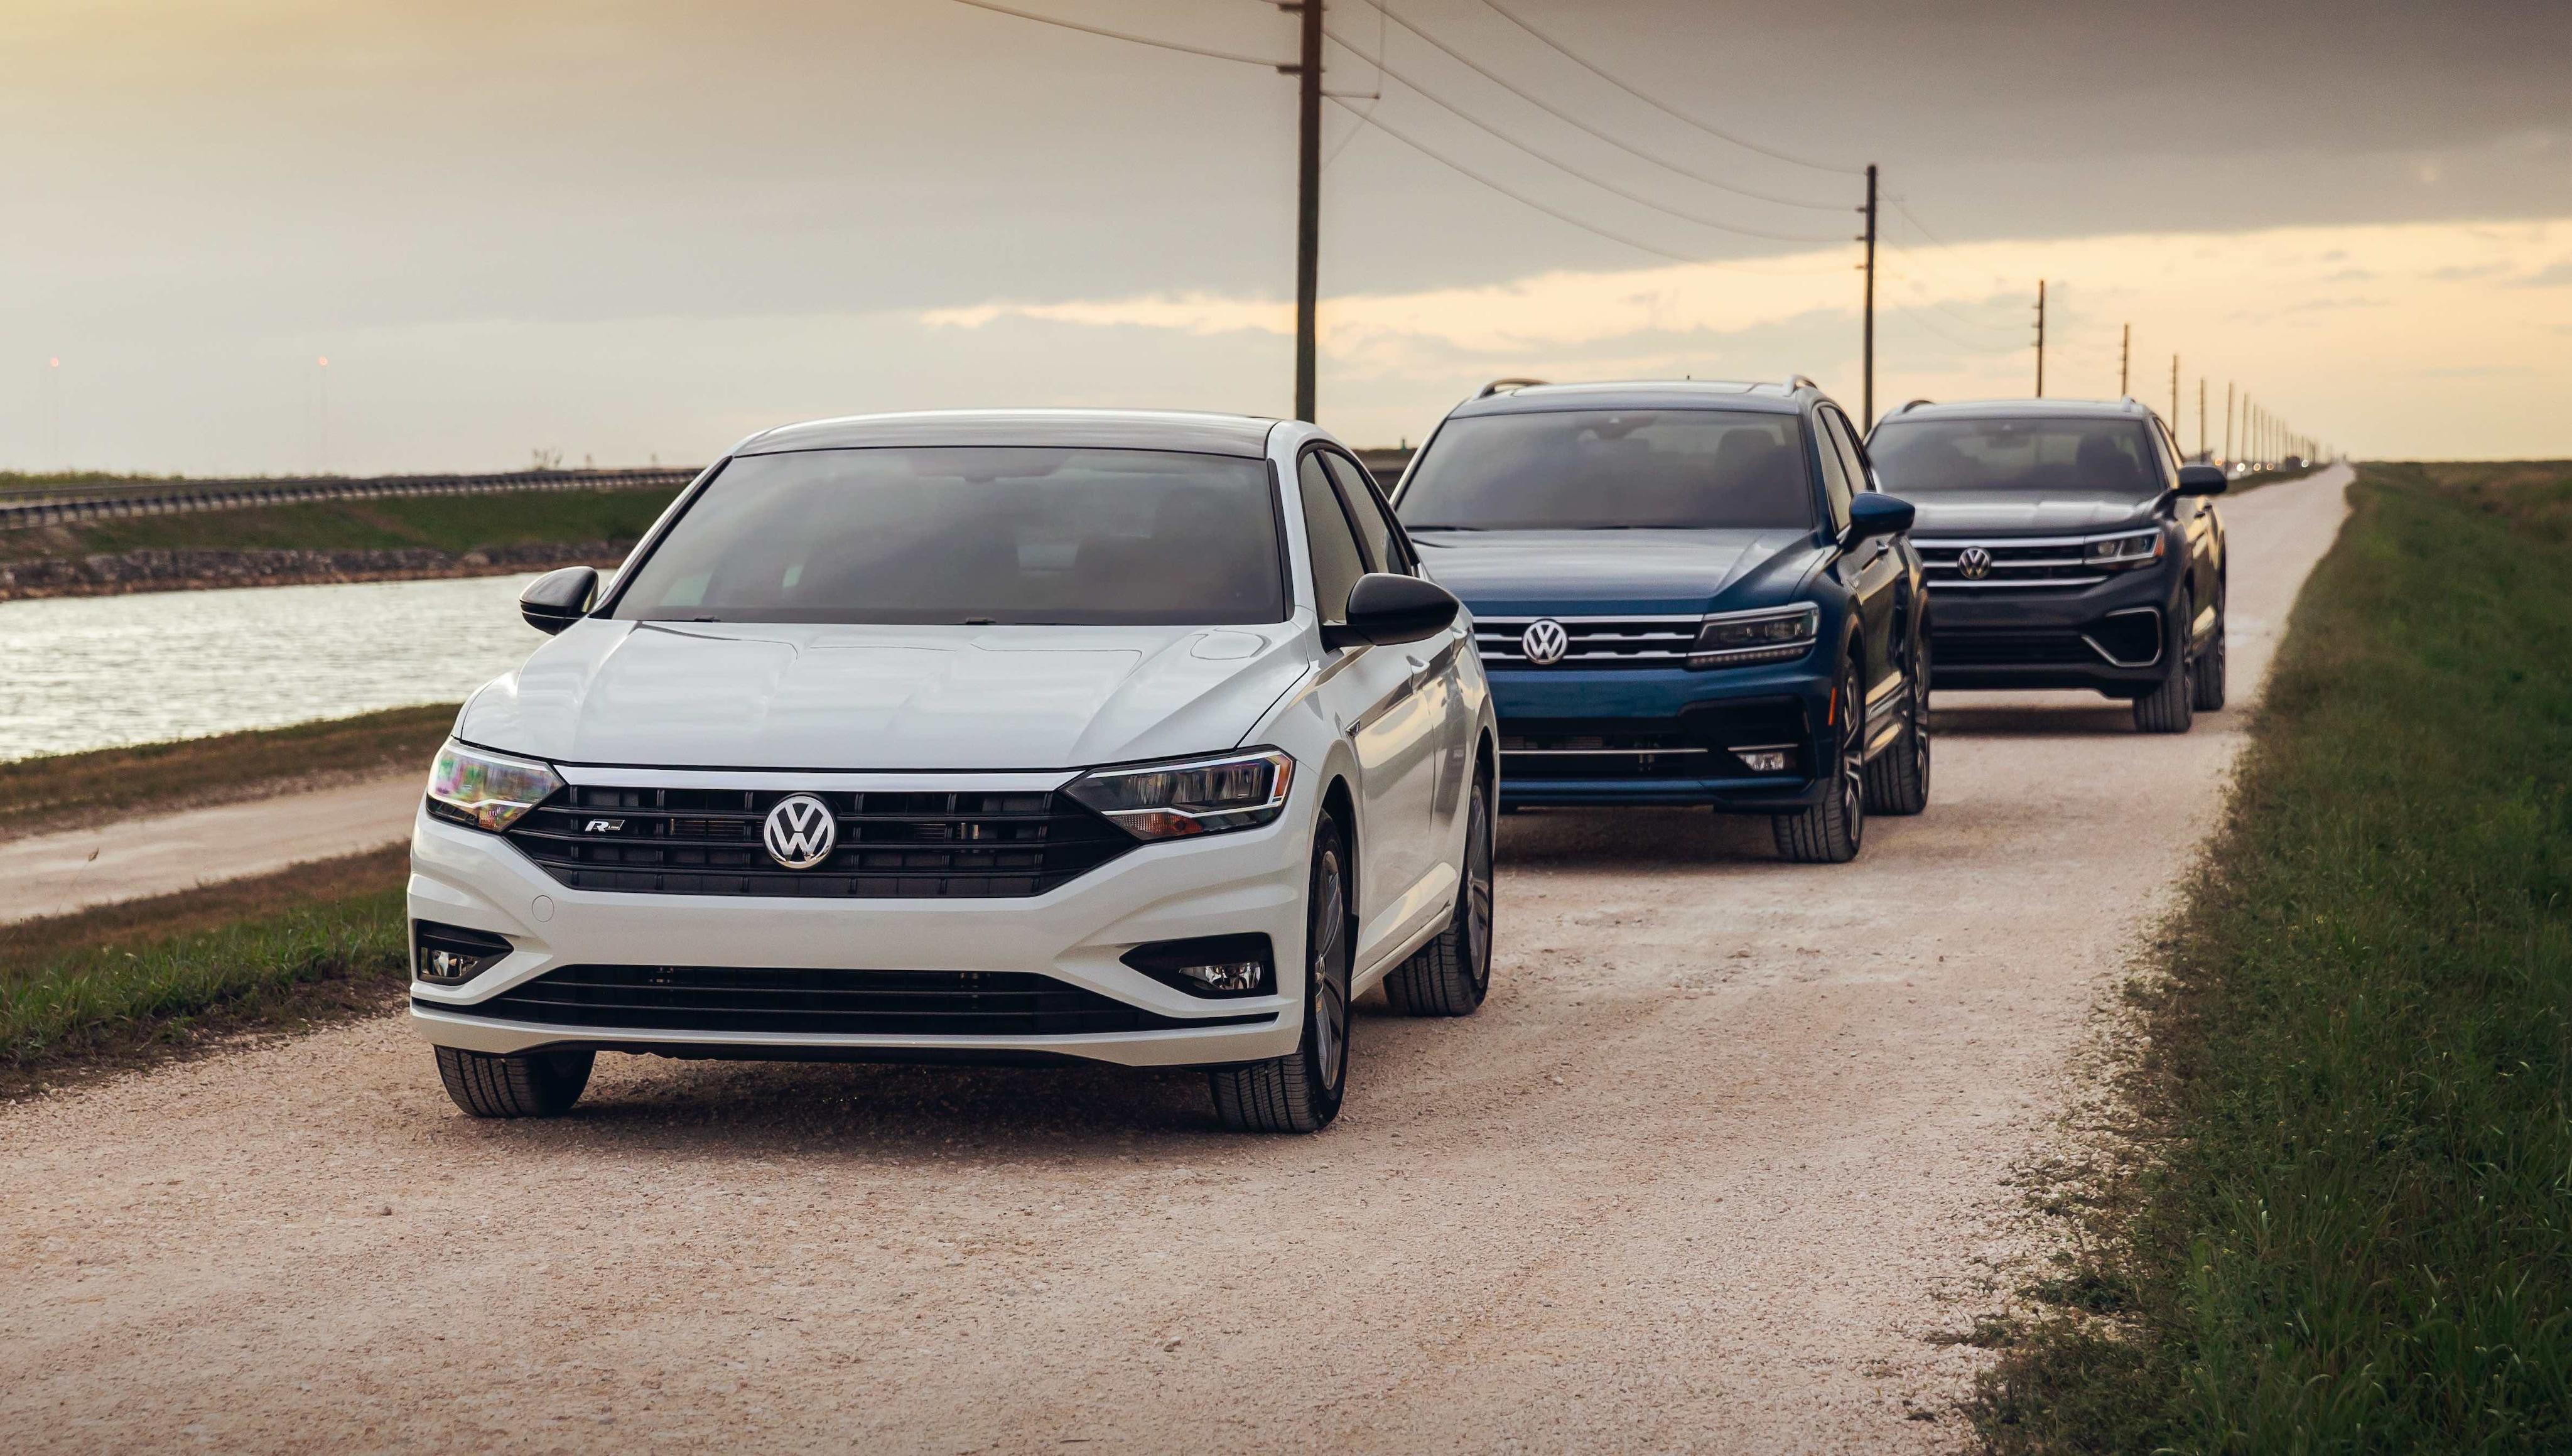 2020 Volkswagen Certified Pre-Owned warranty vehicles